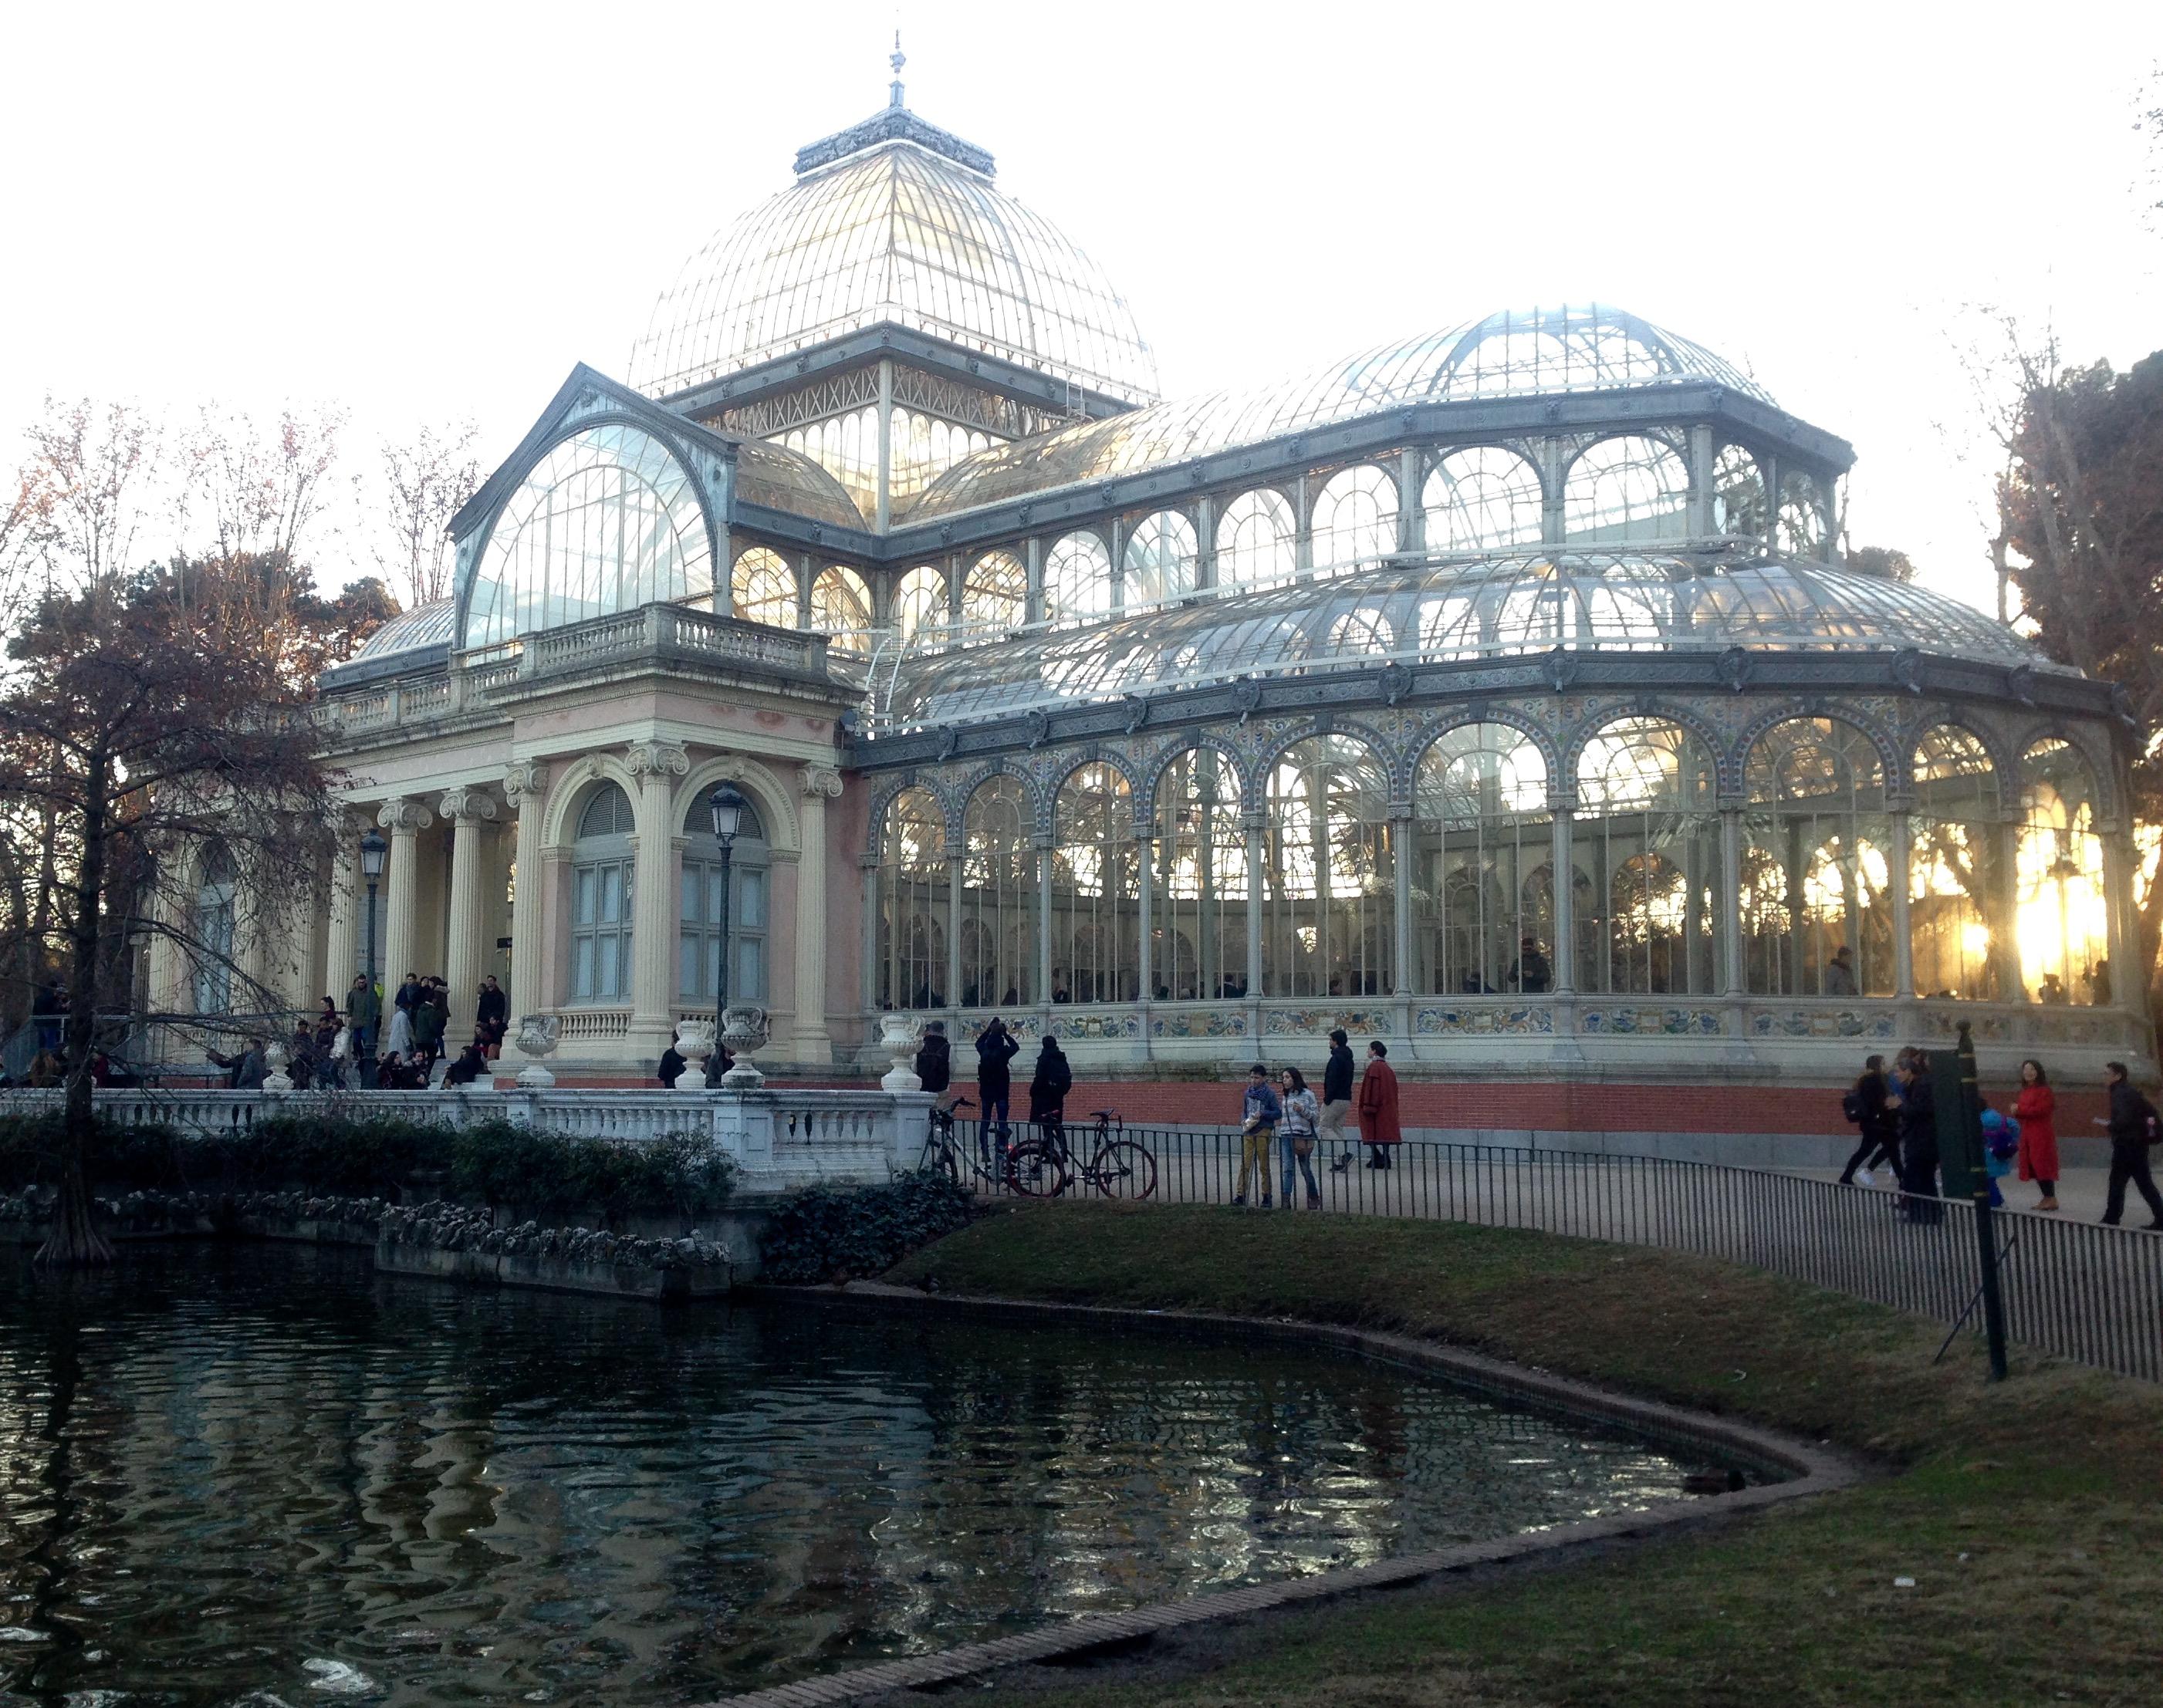 Хрустальный дворец в Мадриде. Блиц: из стекла